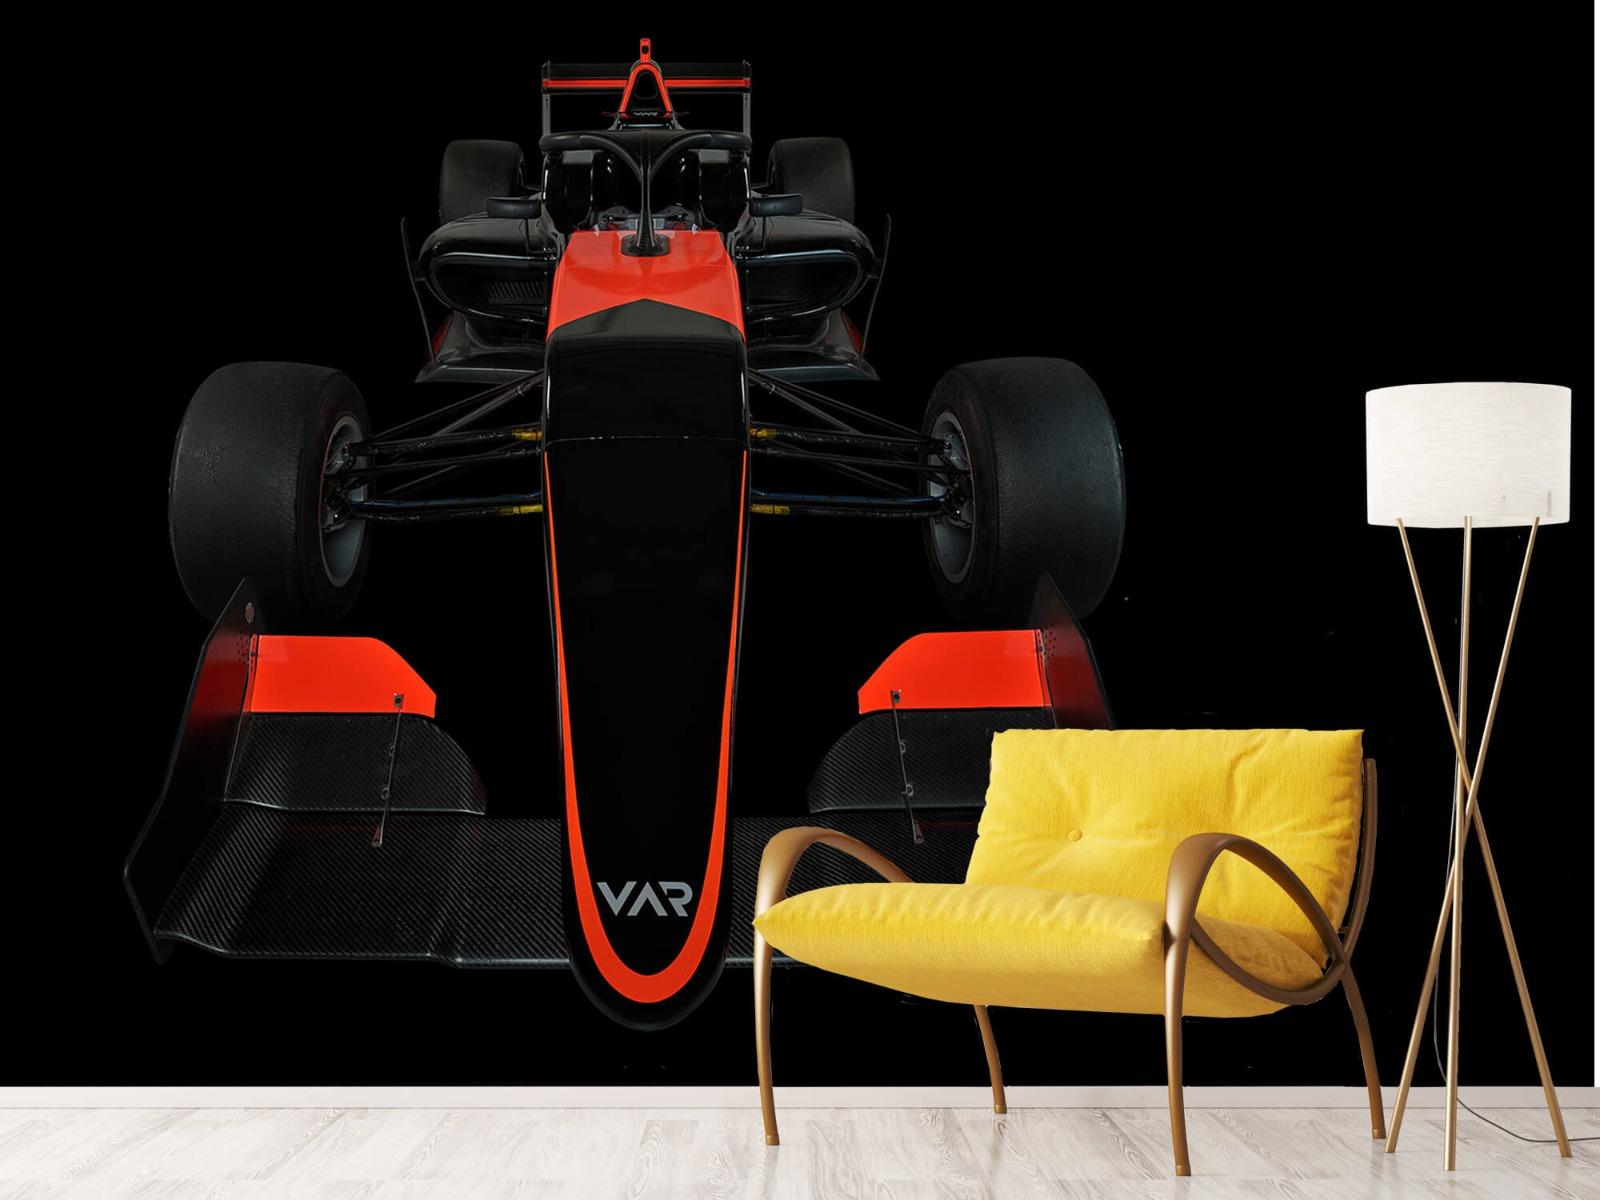 Sportauto's - Formule 3 - Front view - dark - Tienerkamer 11